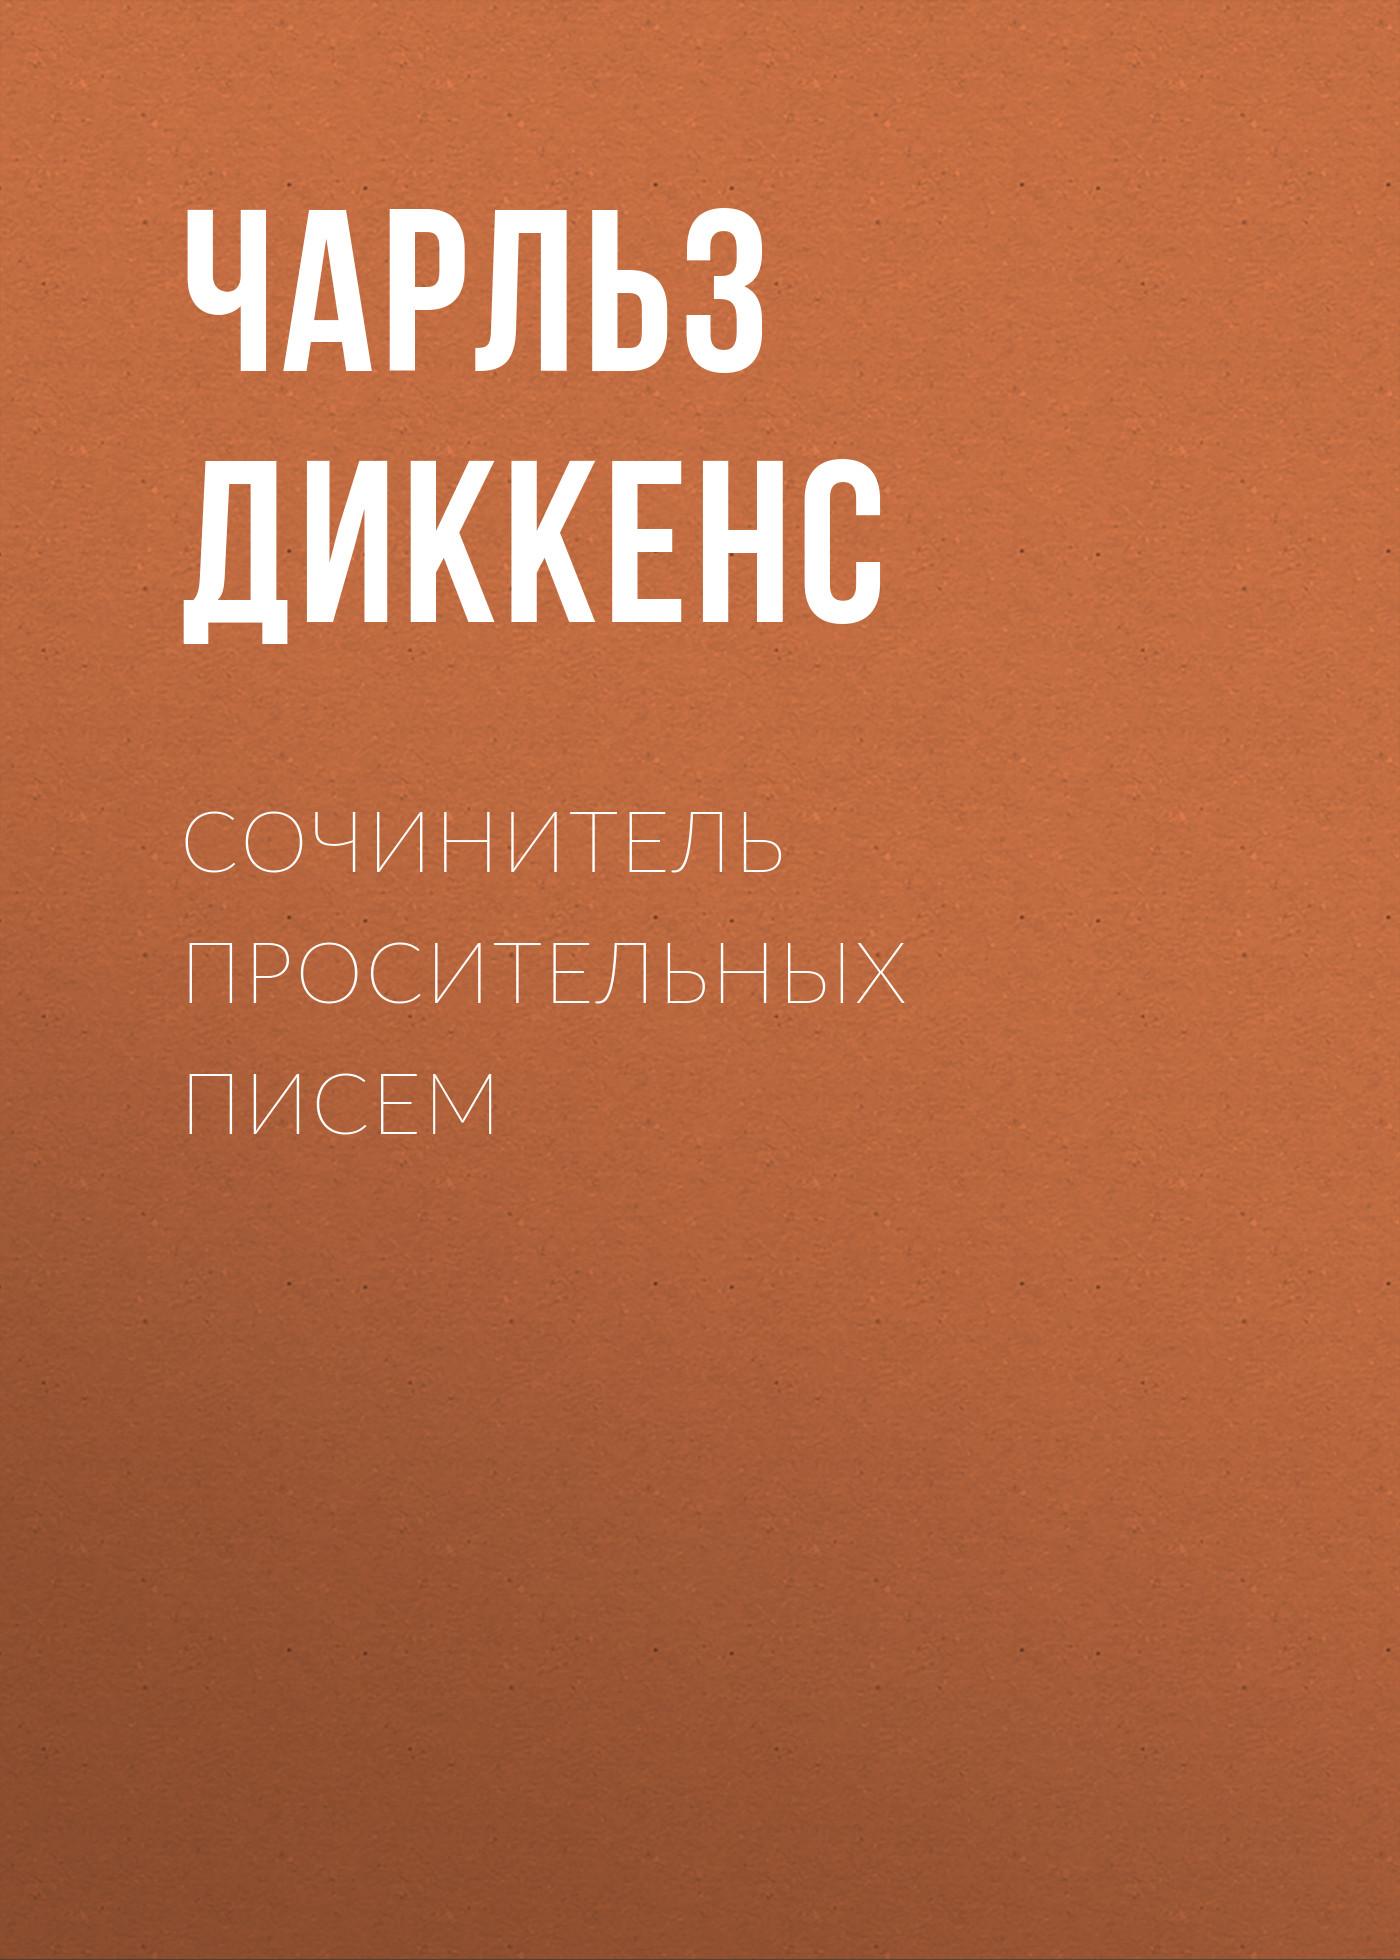 Купить книгу Сочинитель просительных писем, автора Чарльза Диккенса